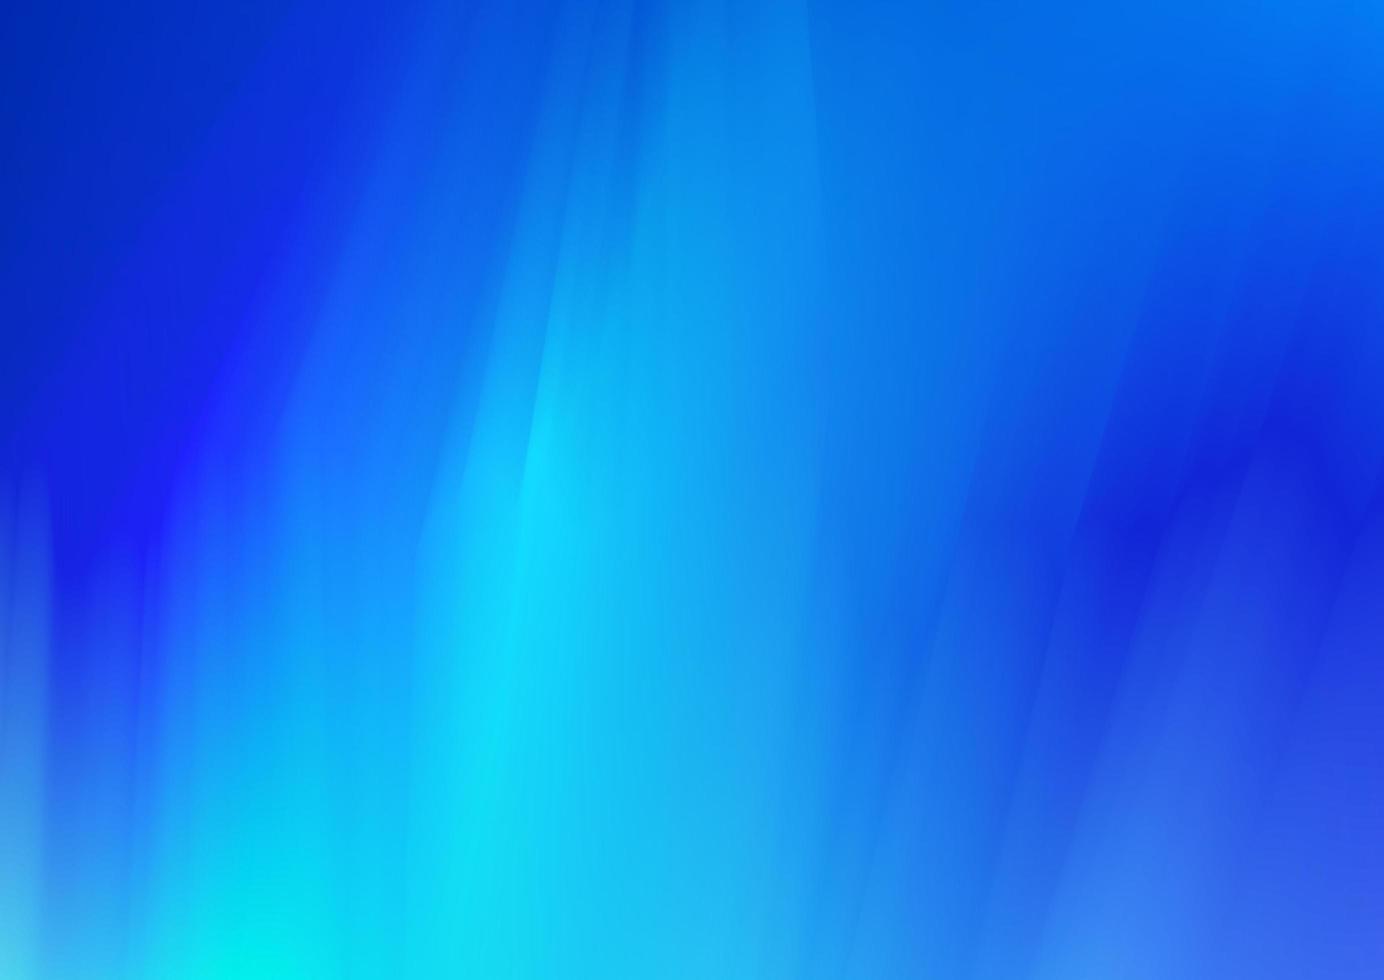 disegno astratto blu misto vettore